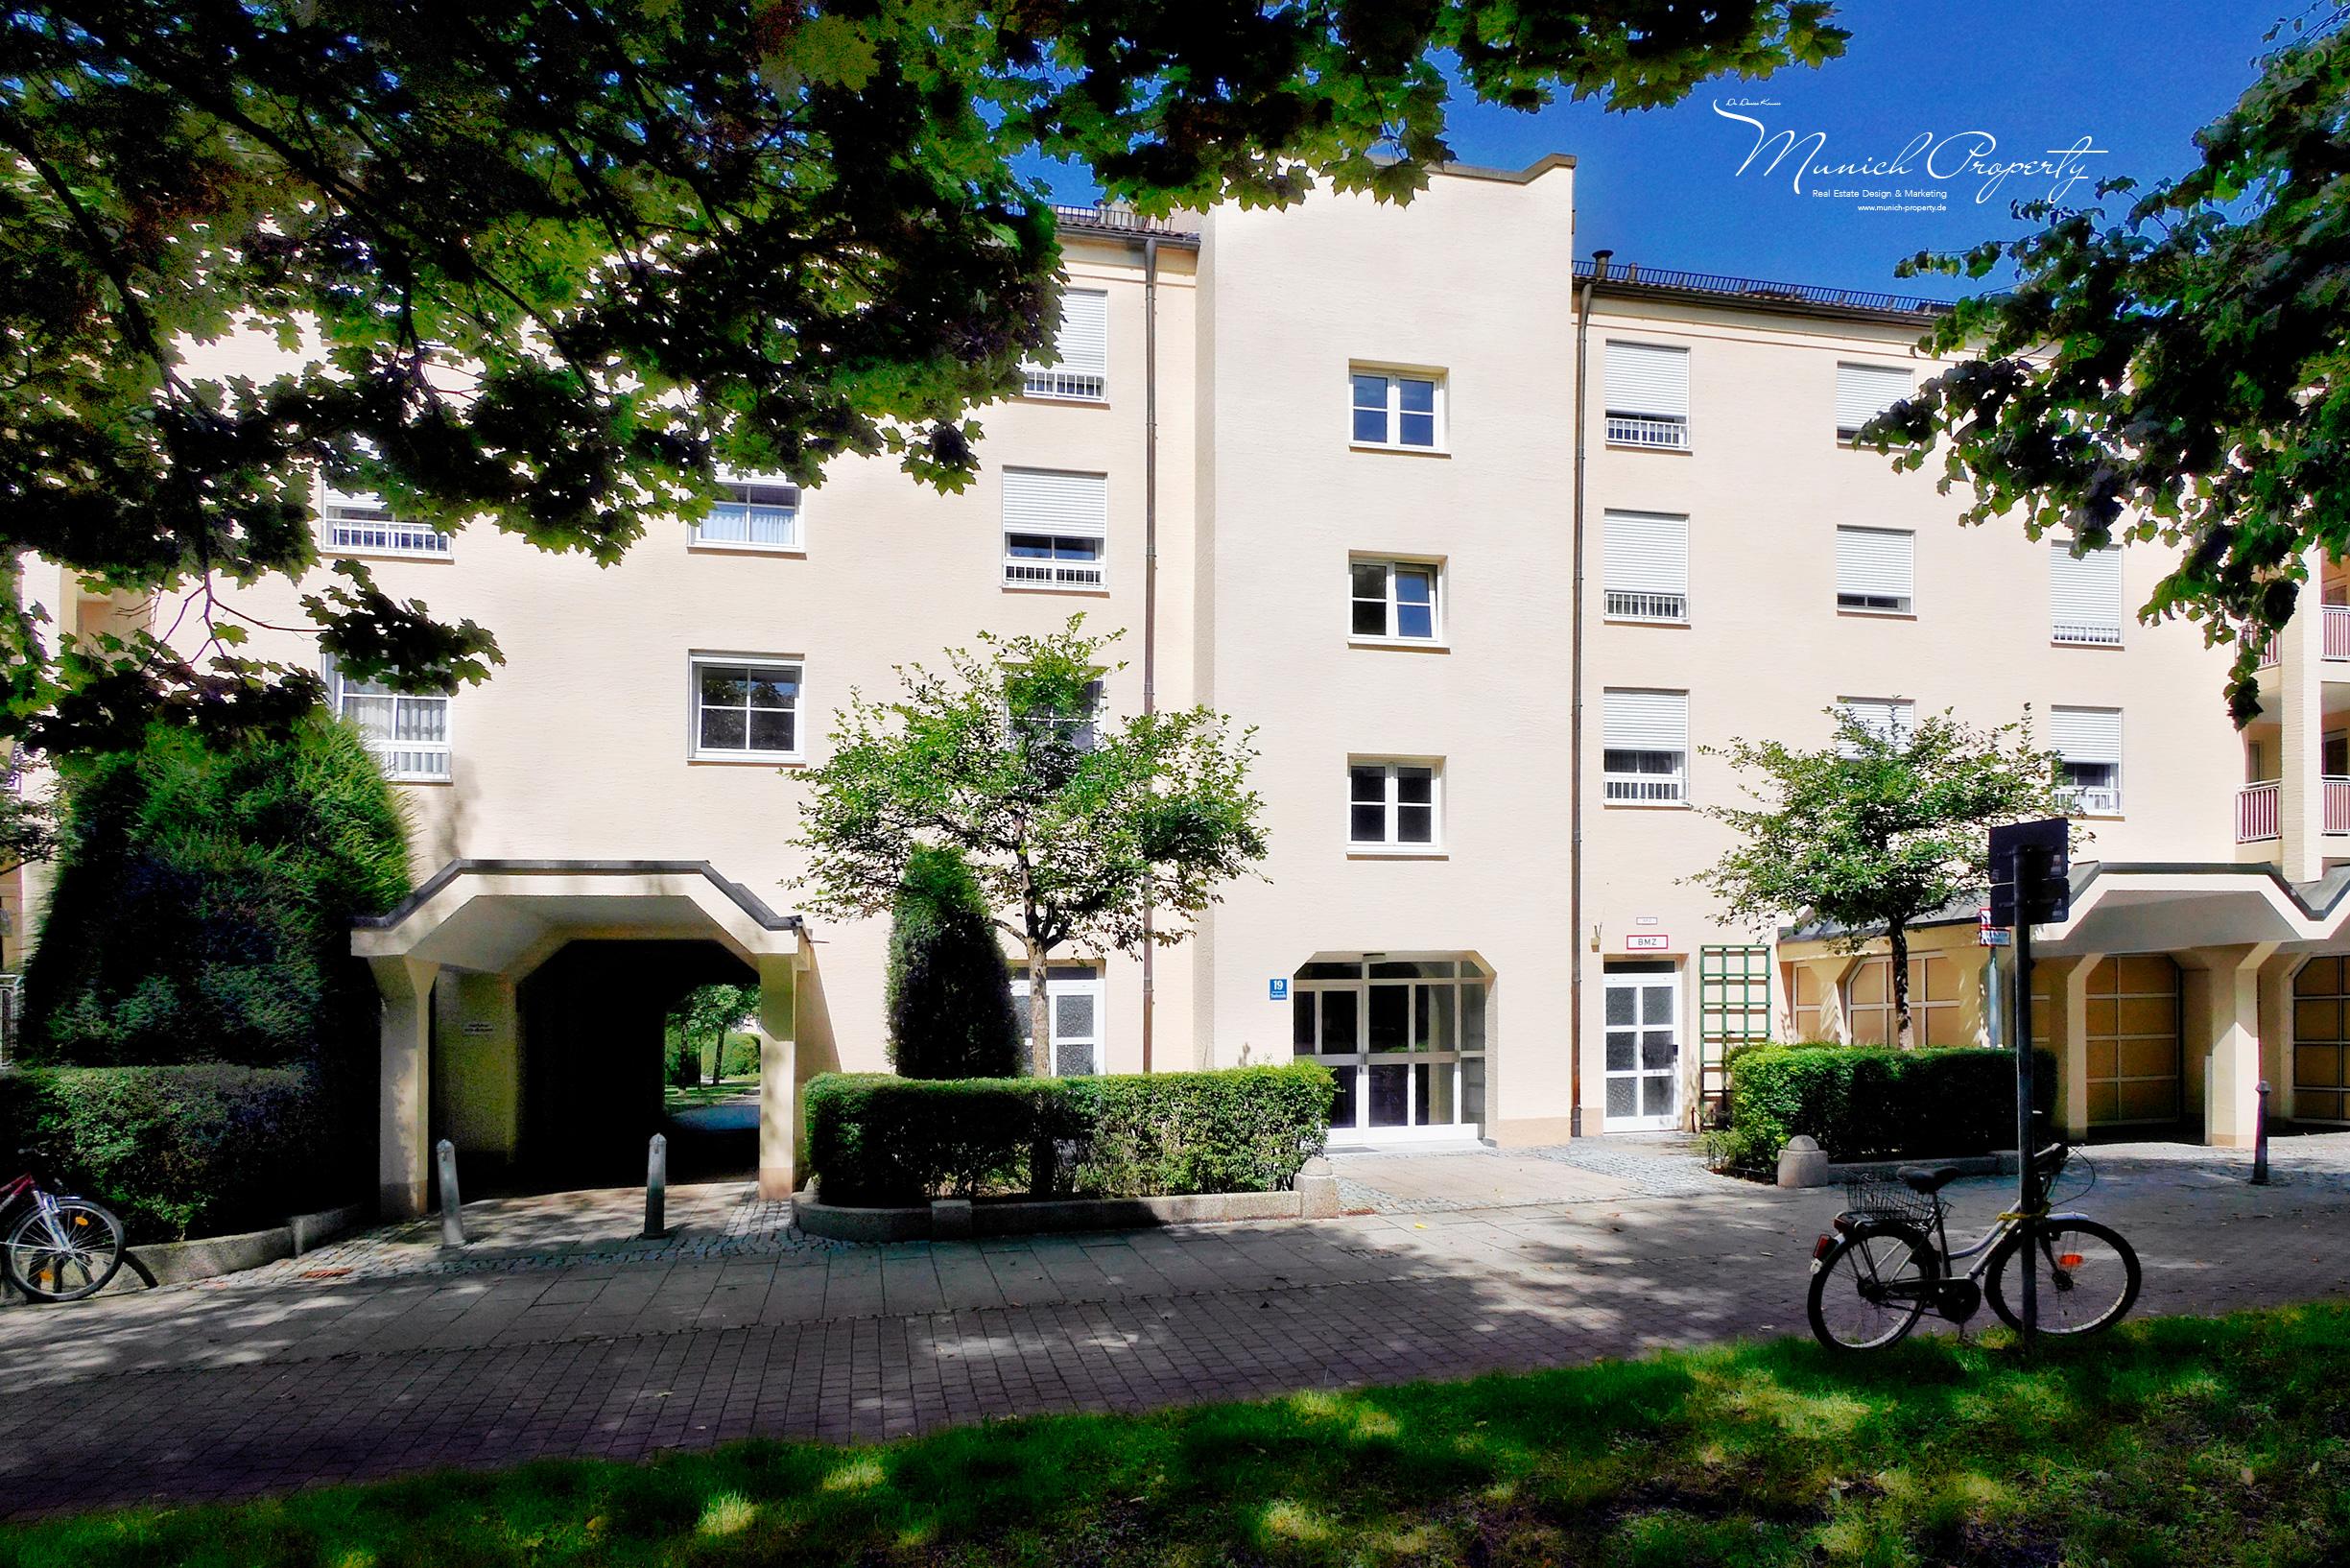 Wohnung mieten in München Schwabing am See: Bildschöne Hausfassade